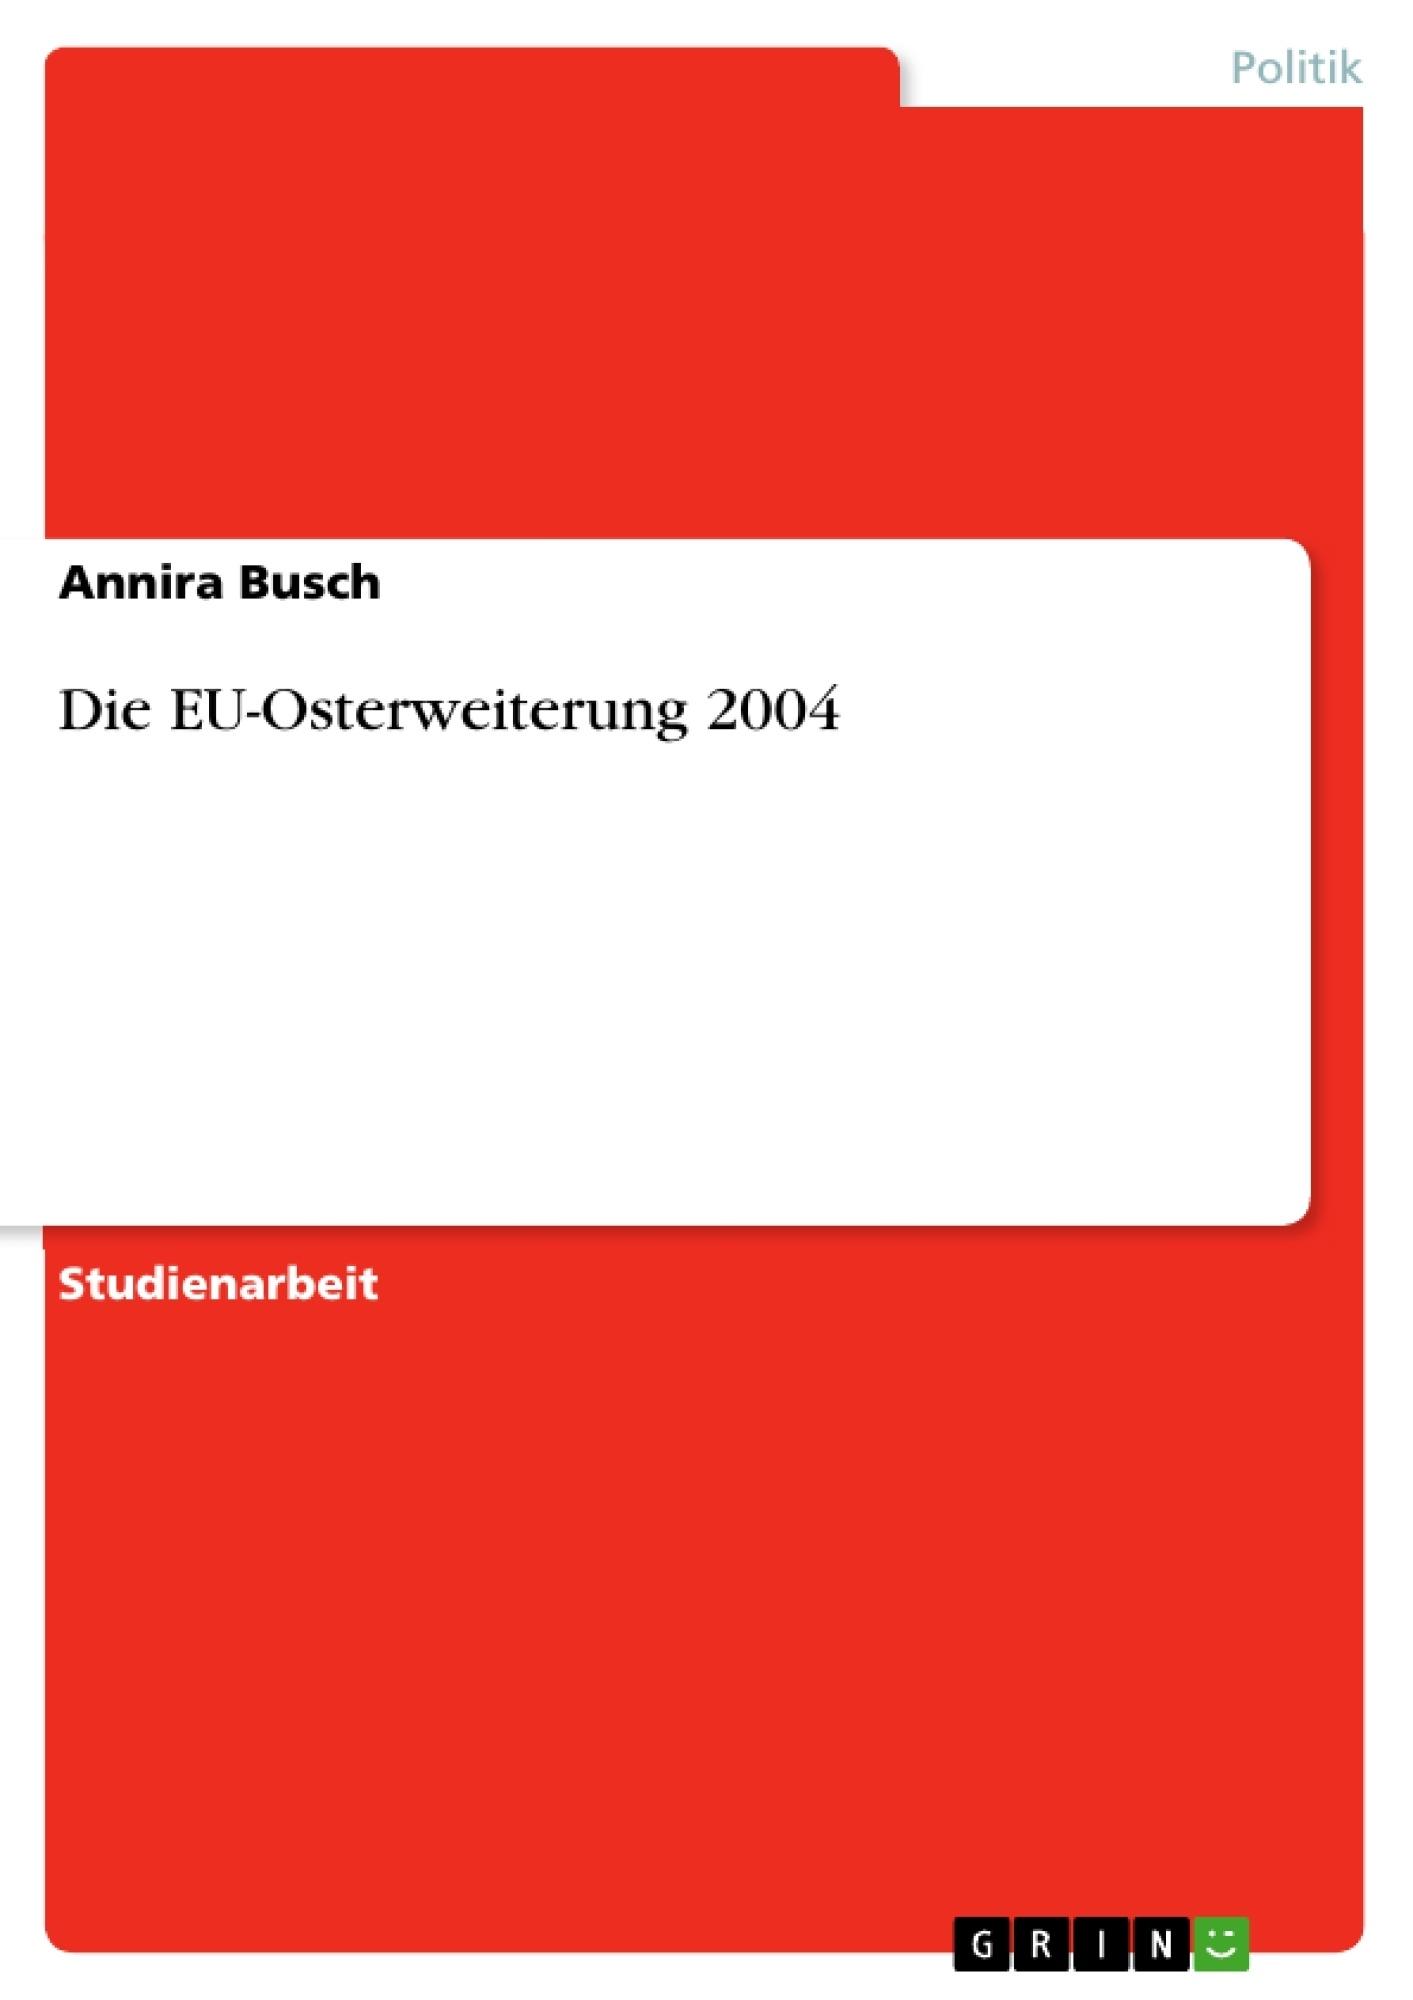 Titel: Die EU-Osterweiterung 2004